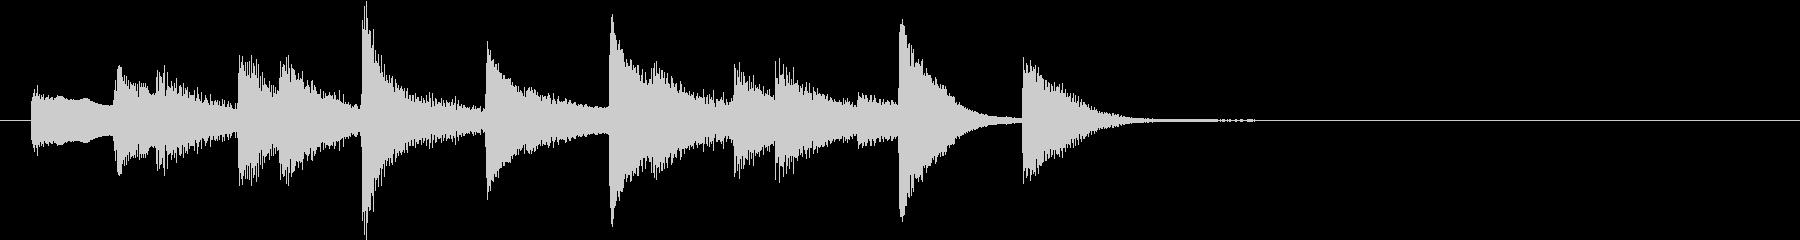 軽やかなピアノのジングルの未再生の波形